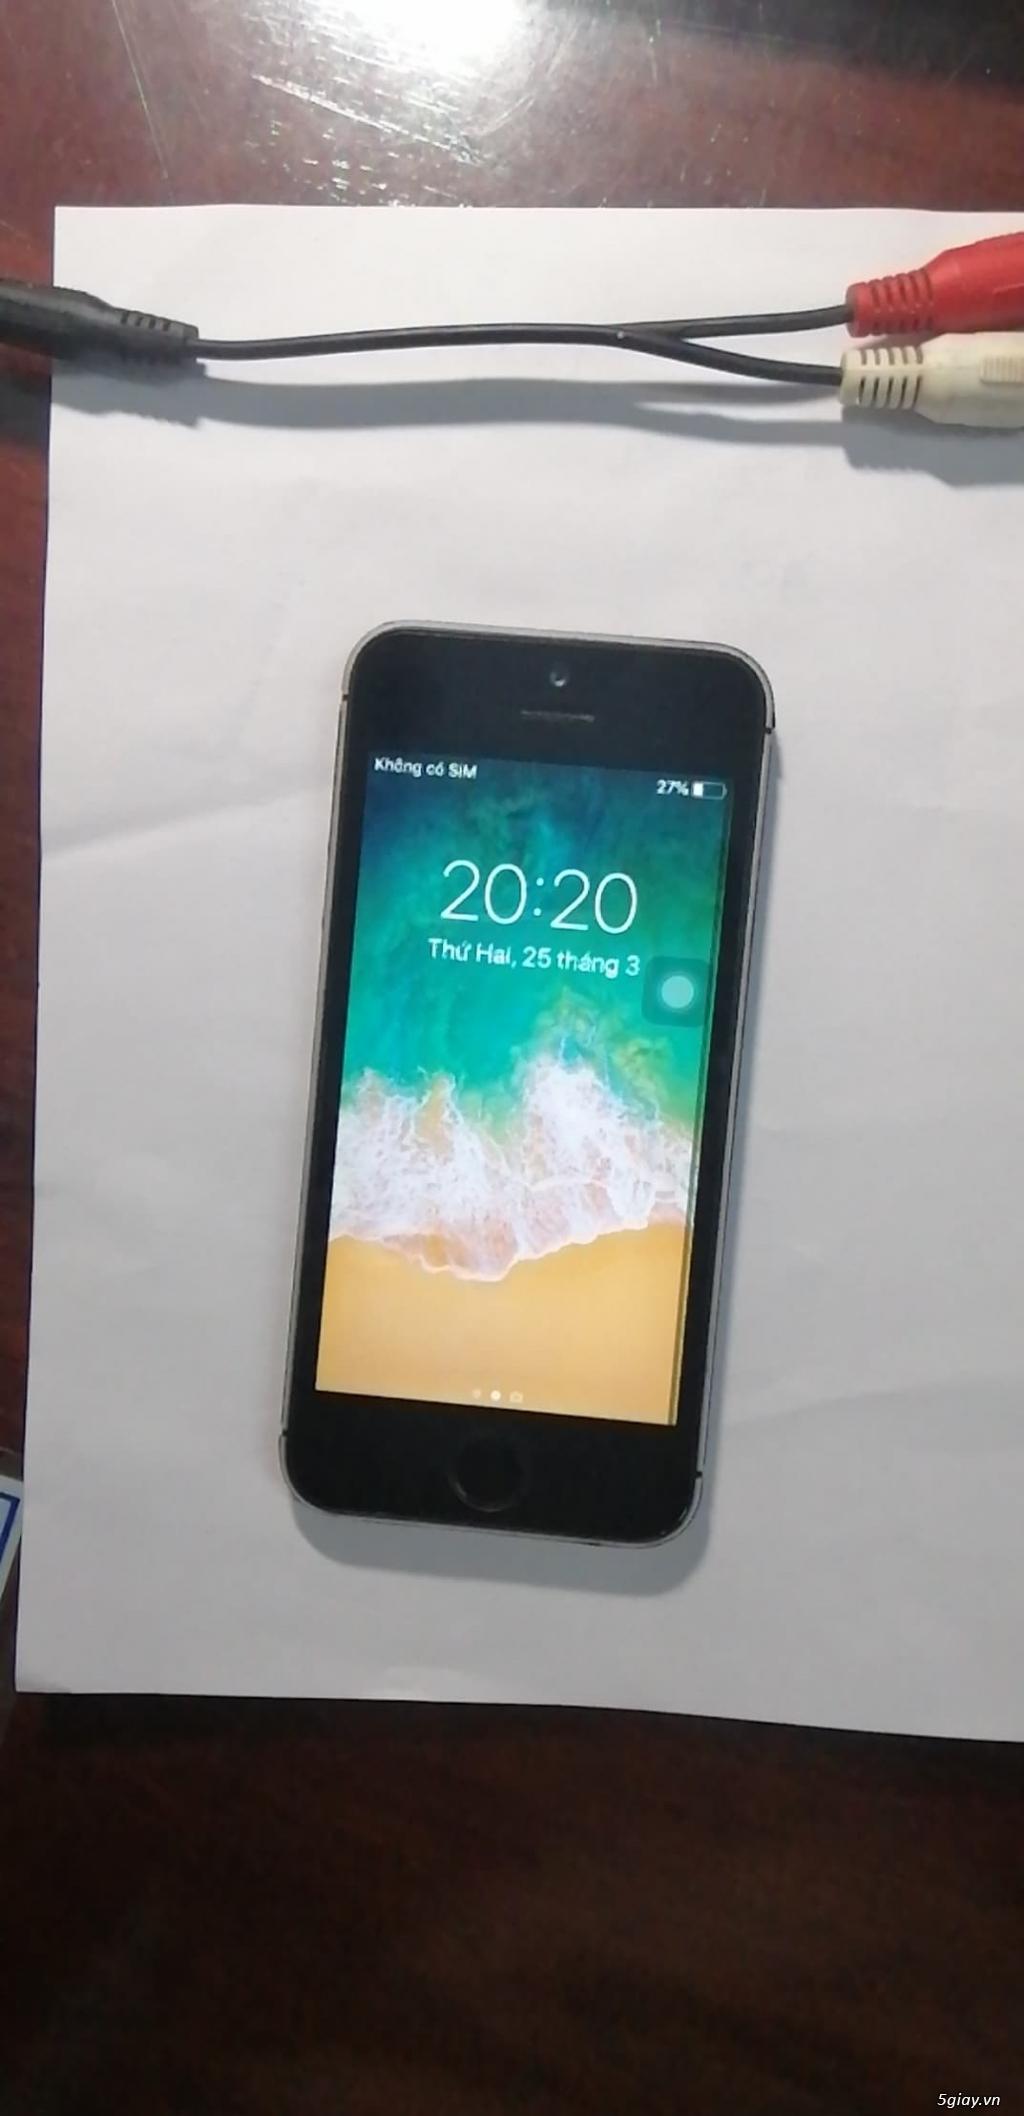 Bán iphone 5s quốc tế cũ - 4